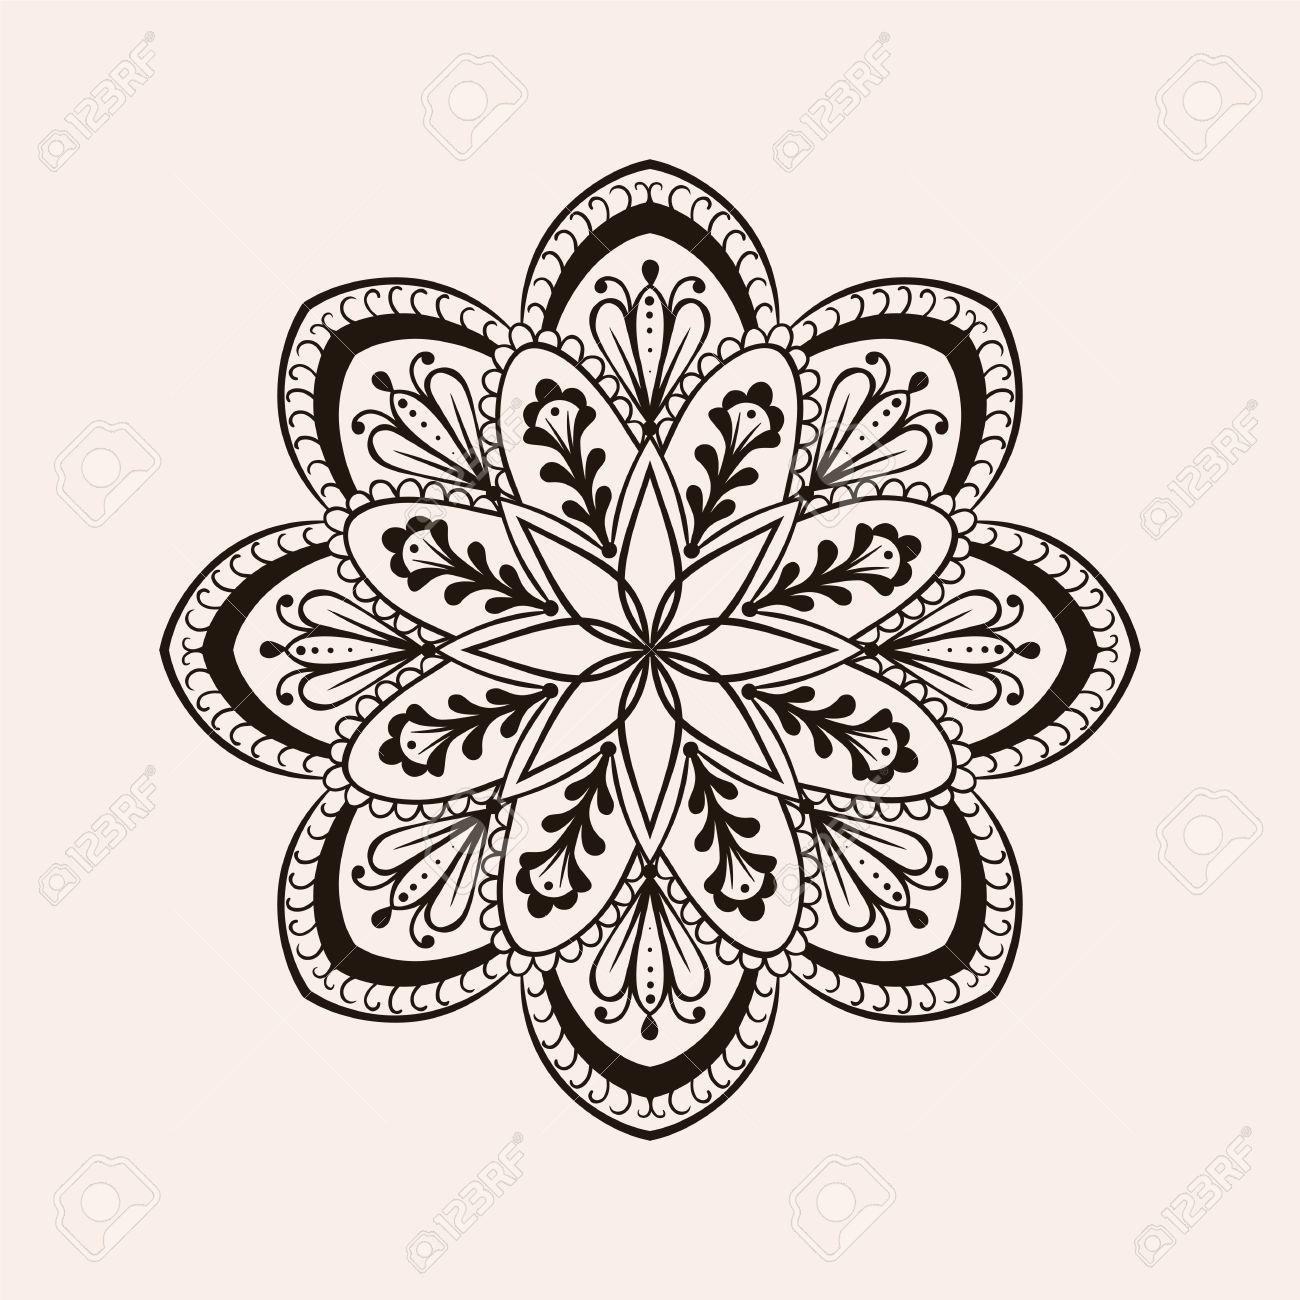 Henna Mandala Del Vector étnica Diseño Del Tatuaje Boho En El Estilo De Dibujo Ornamental Ilustración Con Dibujos Tribales Para Las Páginas Para